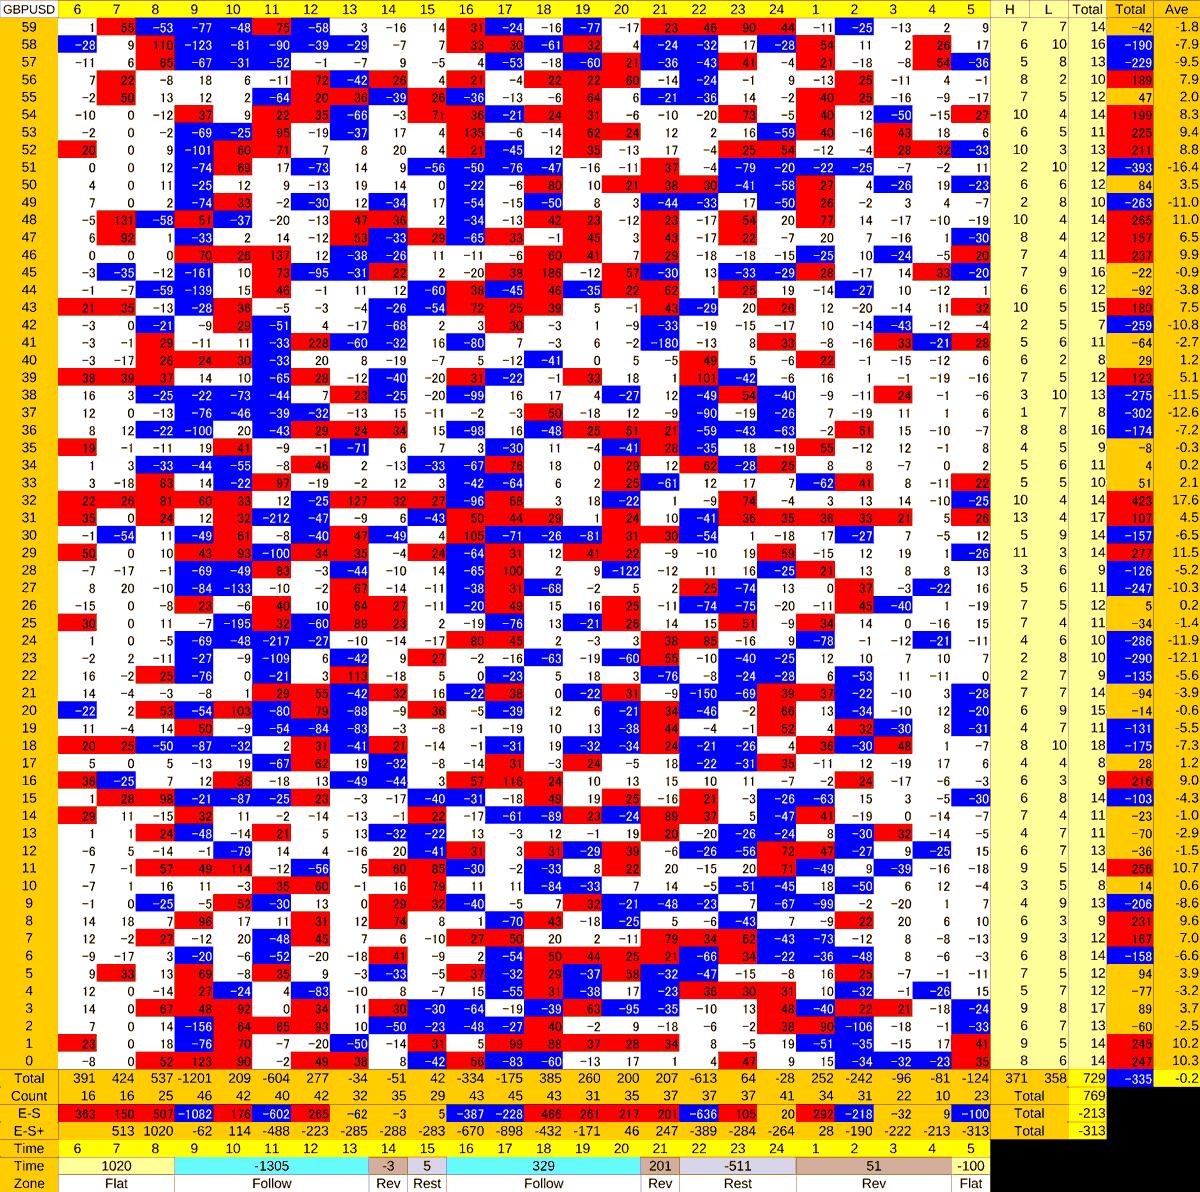 20201104_HS(2)GBPUSD